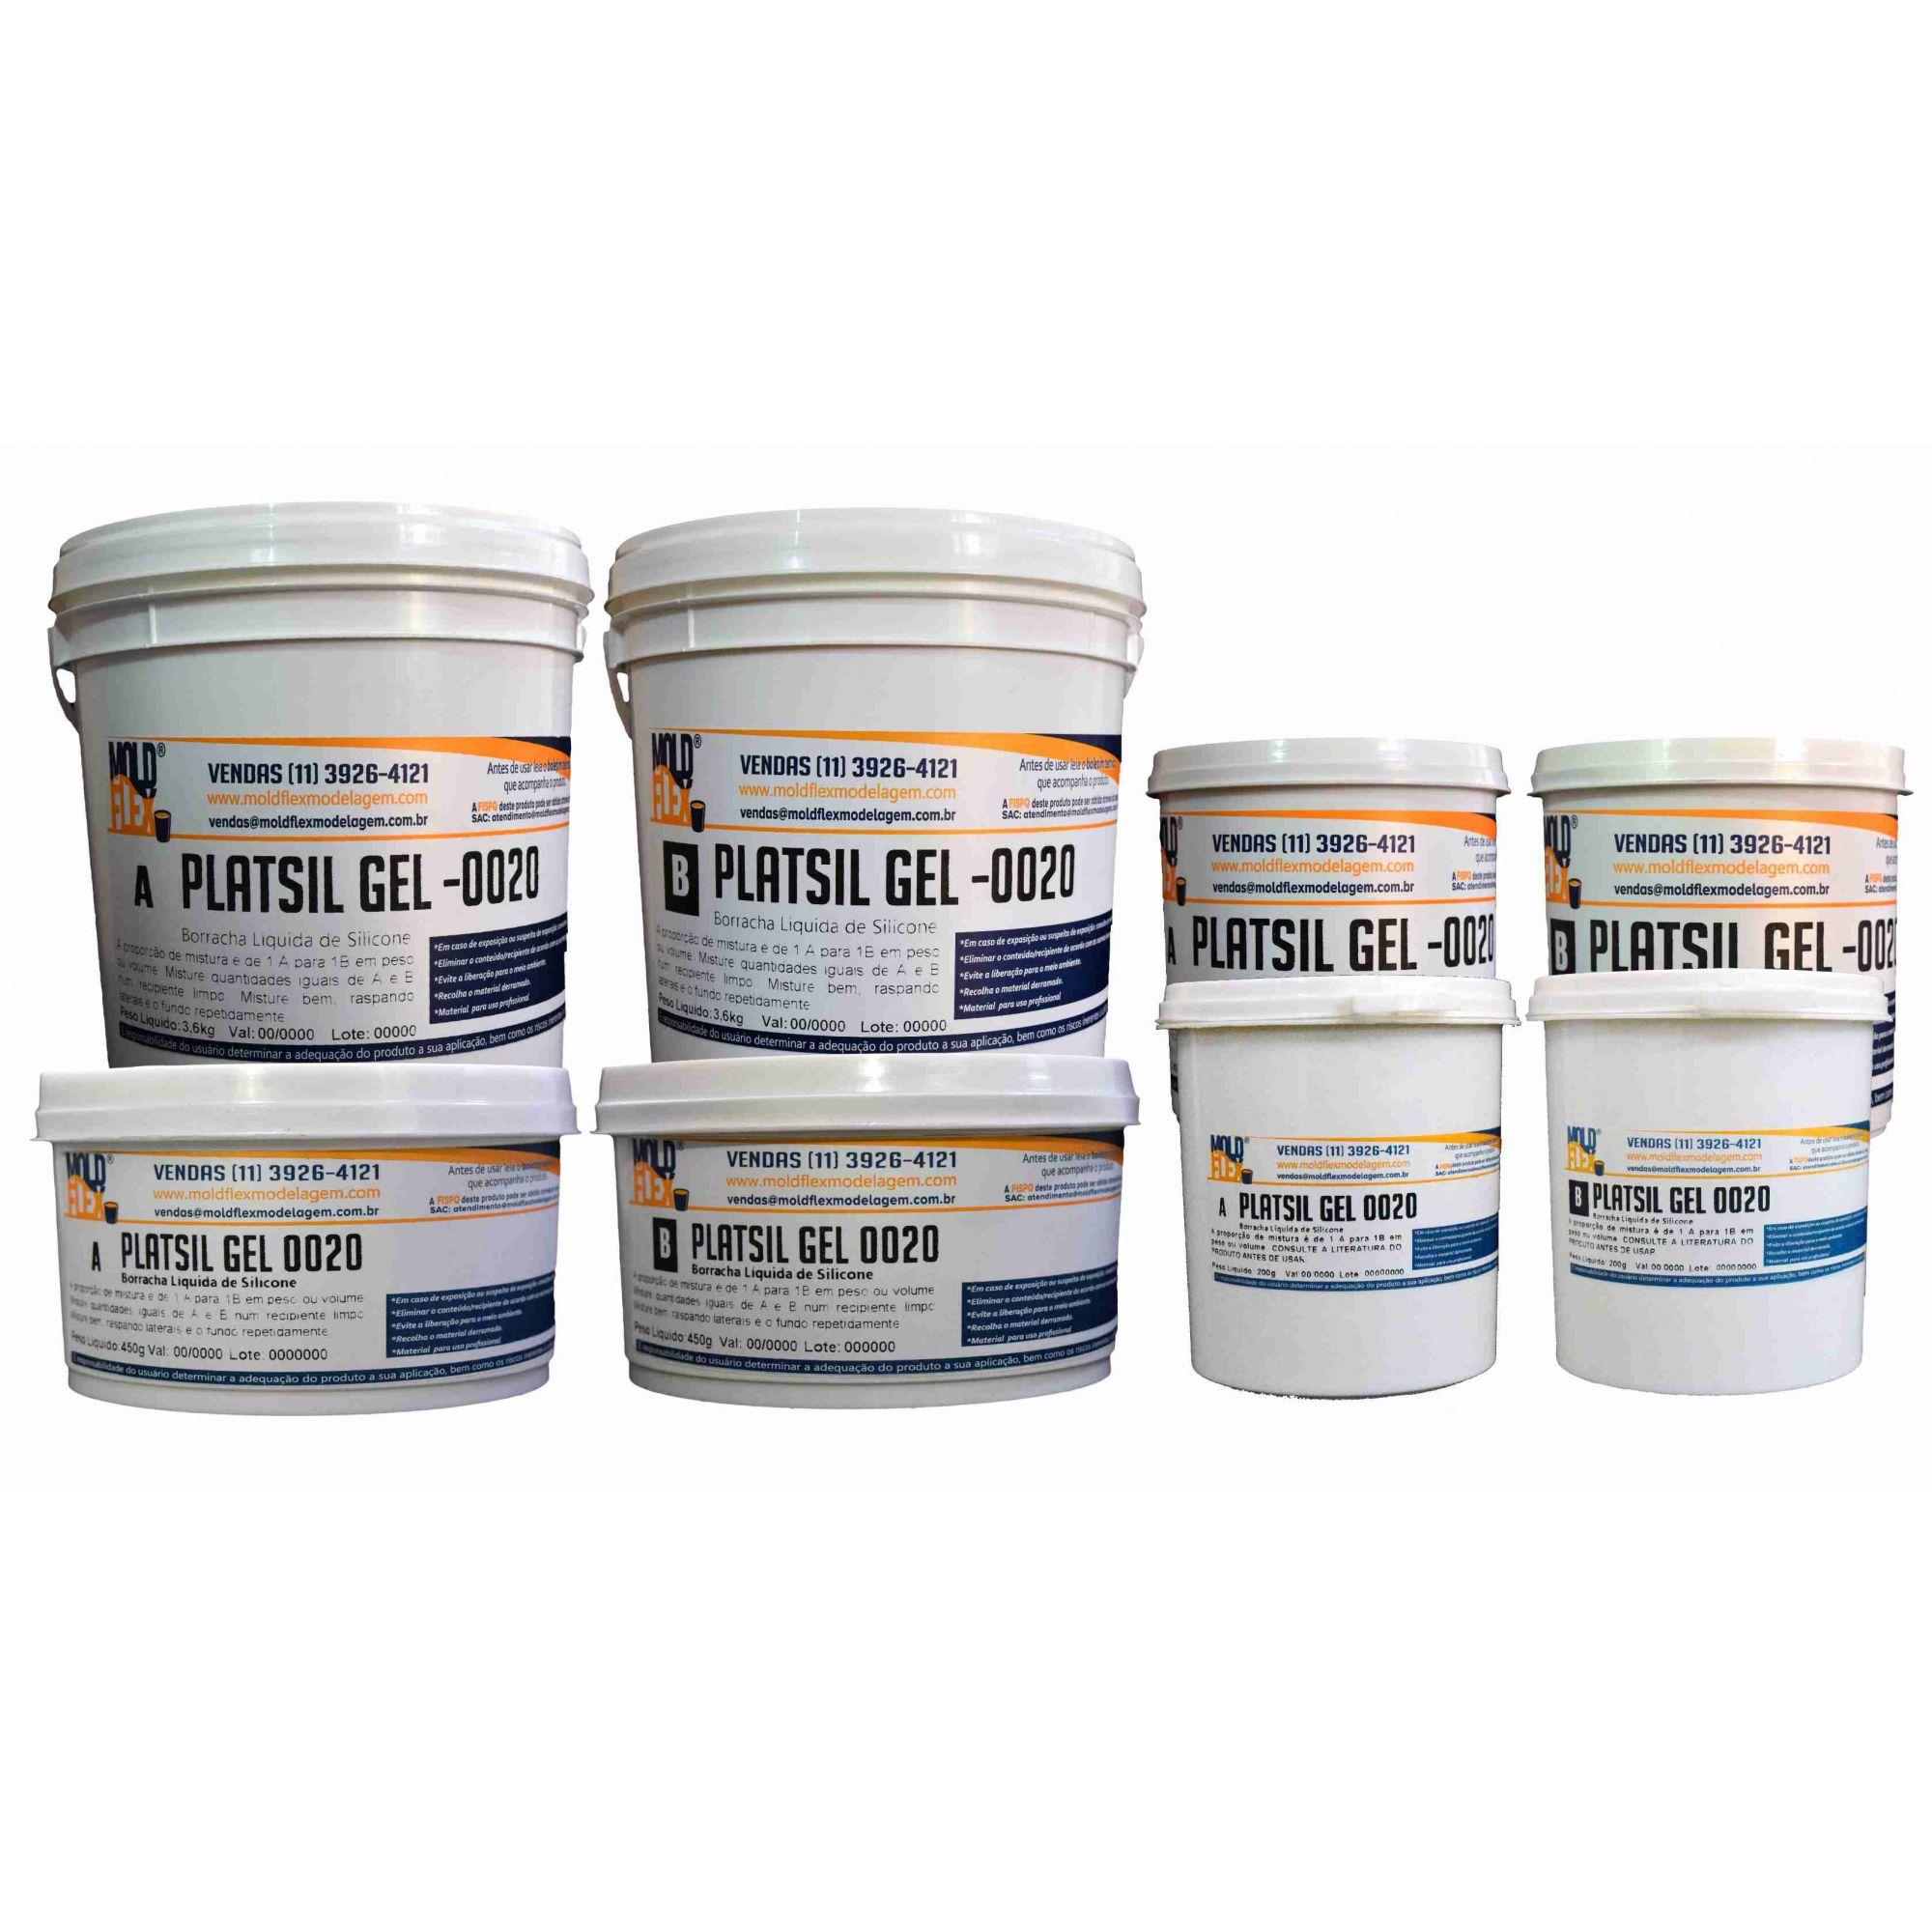 PlatSil Gel 0020 - Silicone Platinum